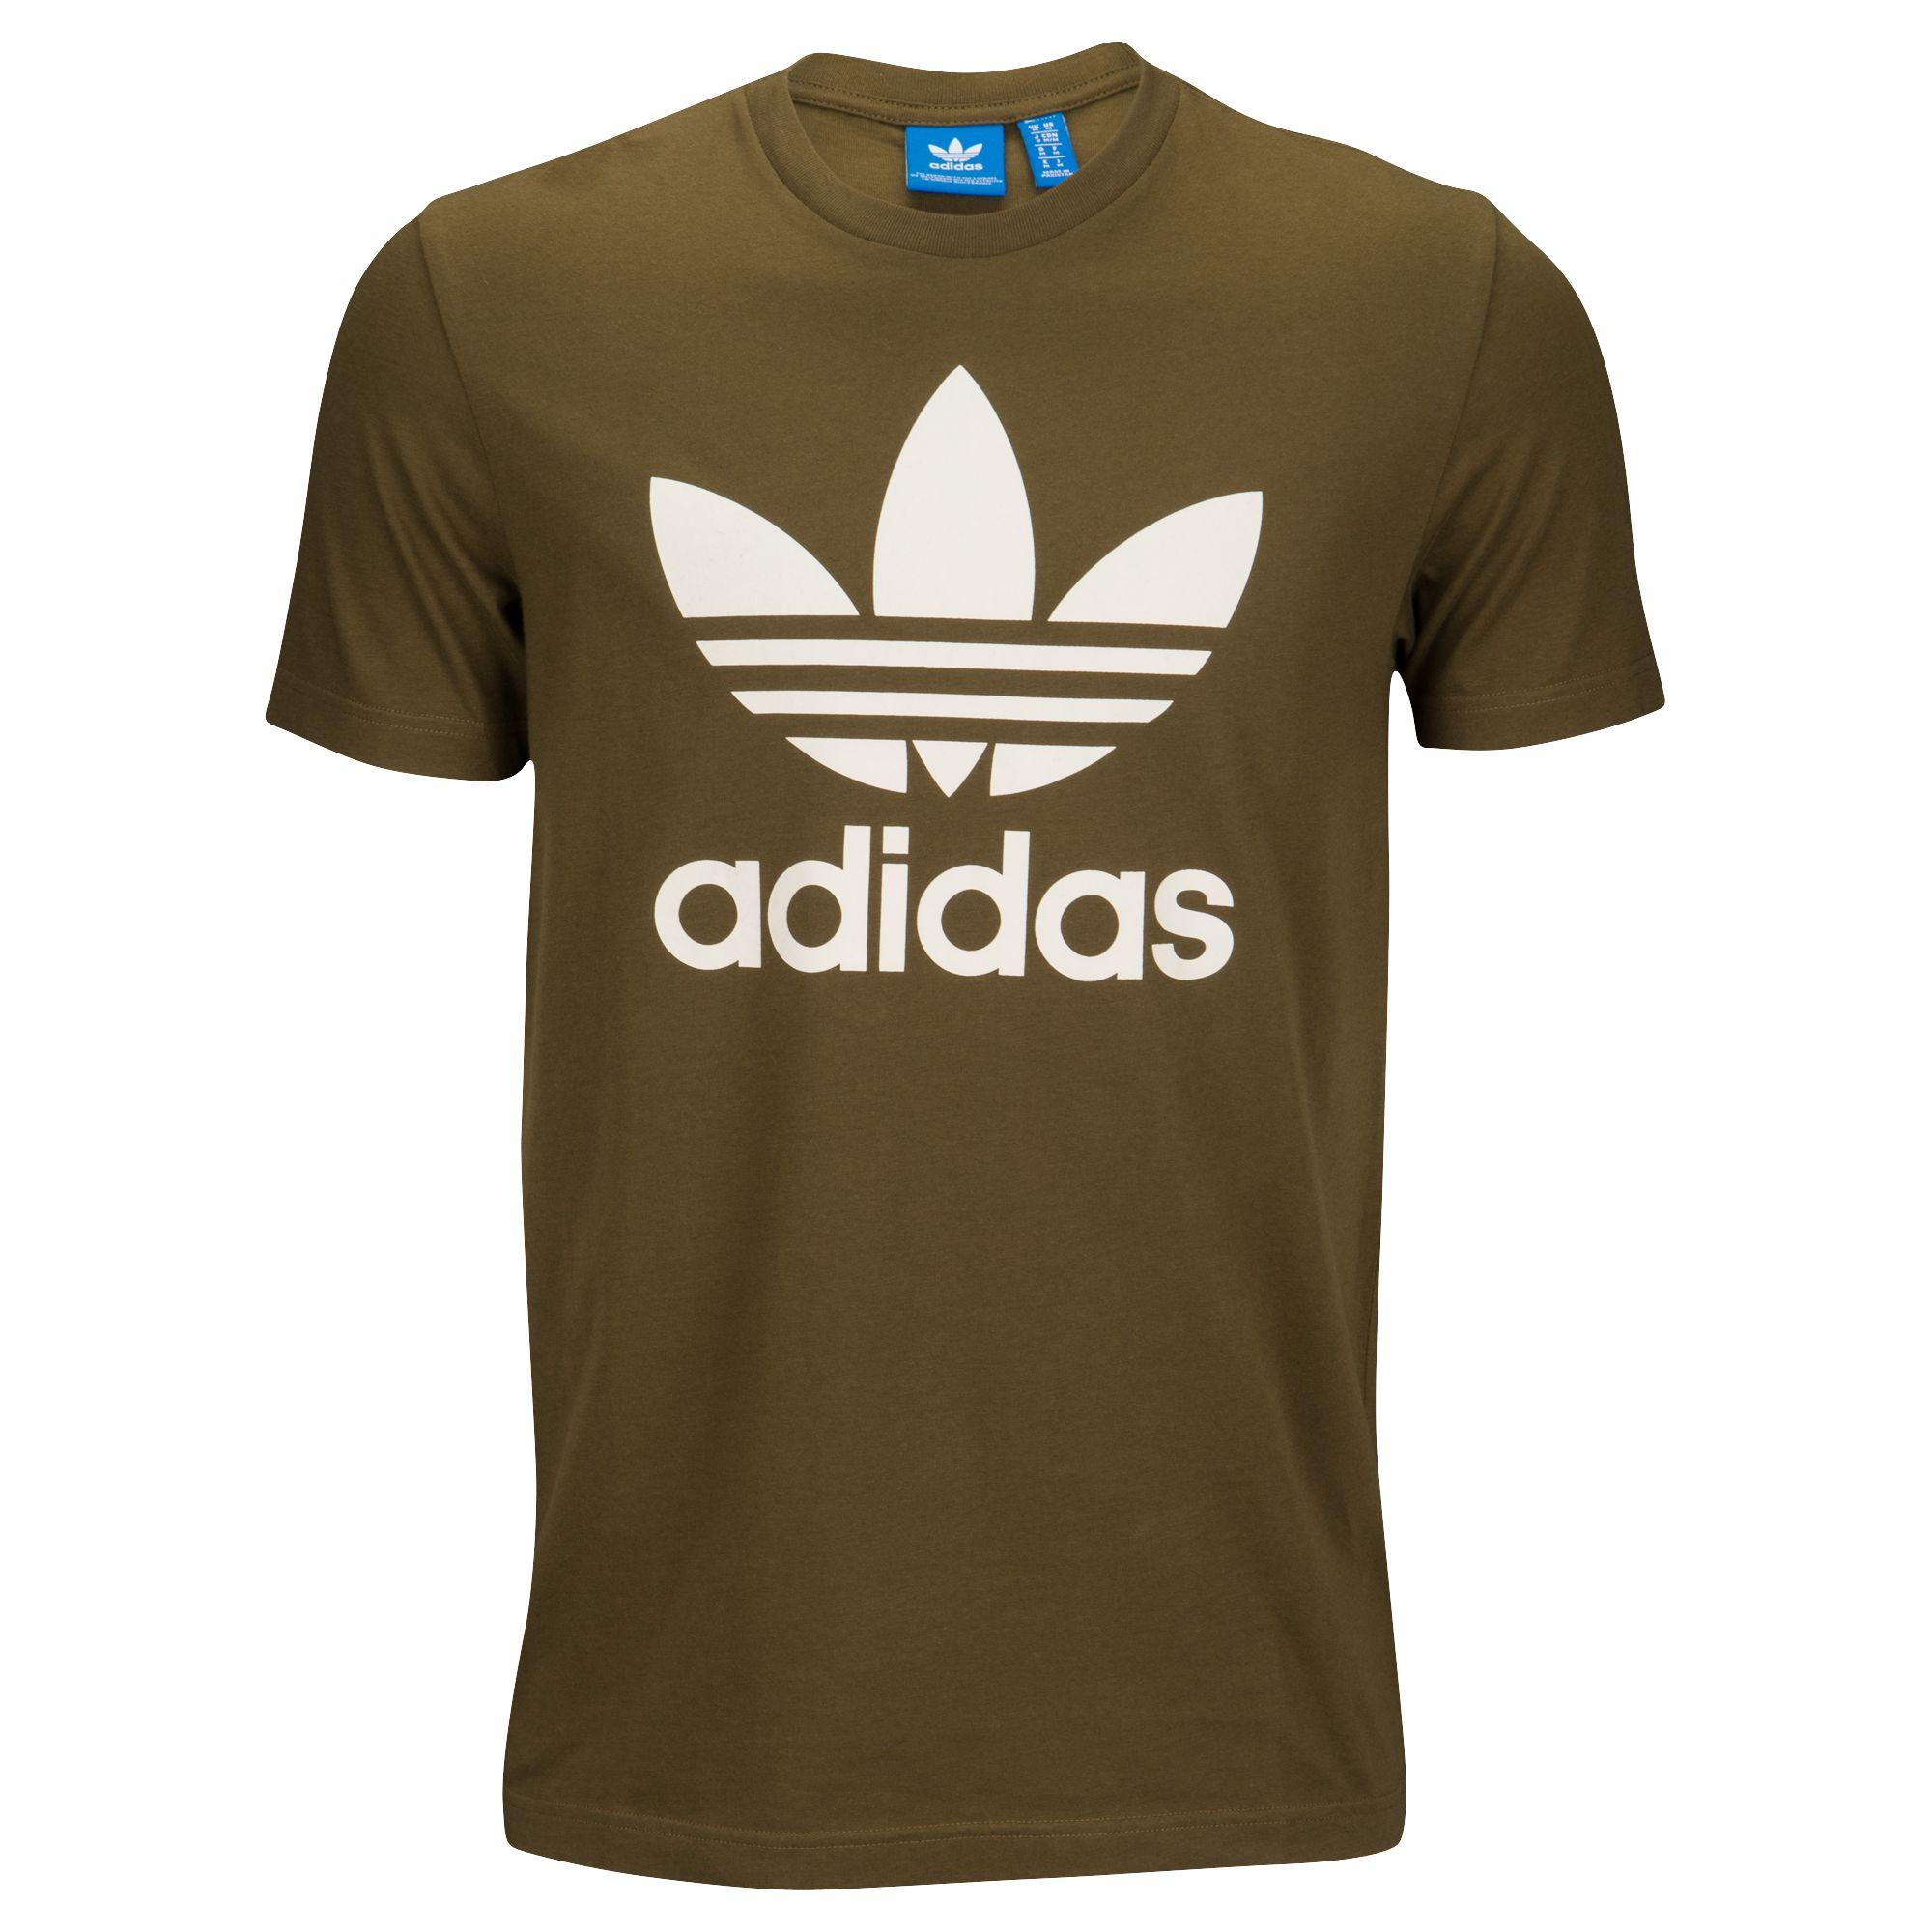 1293a6d0ae4c Details about Adidas Originals Trefoil Men s Crew Neck T-Shirt Trace Olive White  cw2723